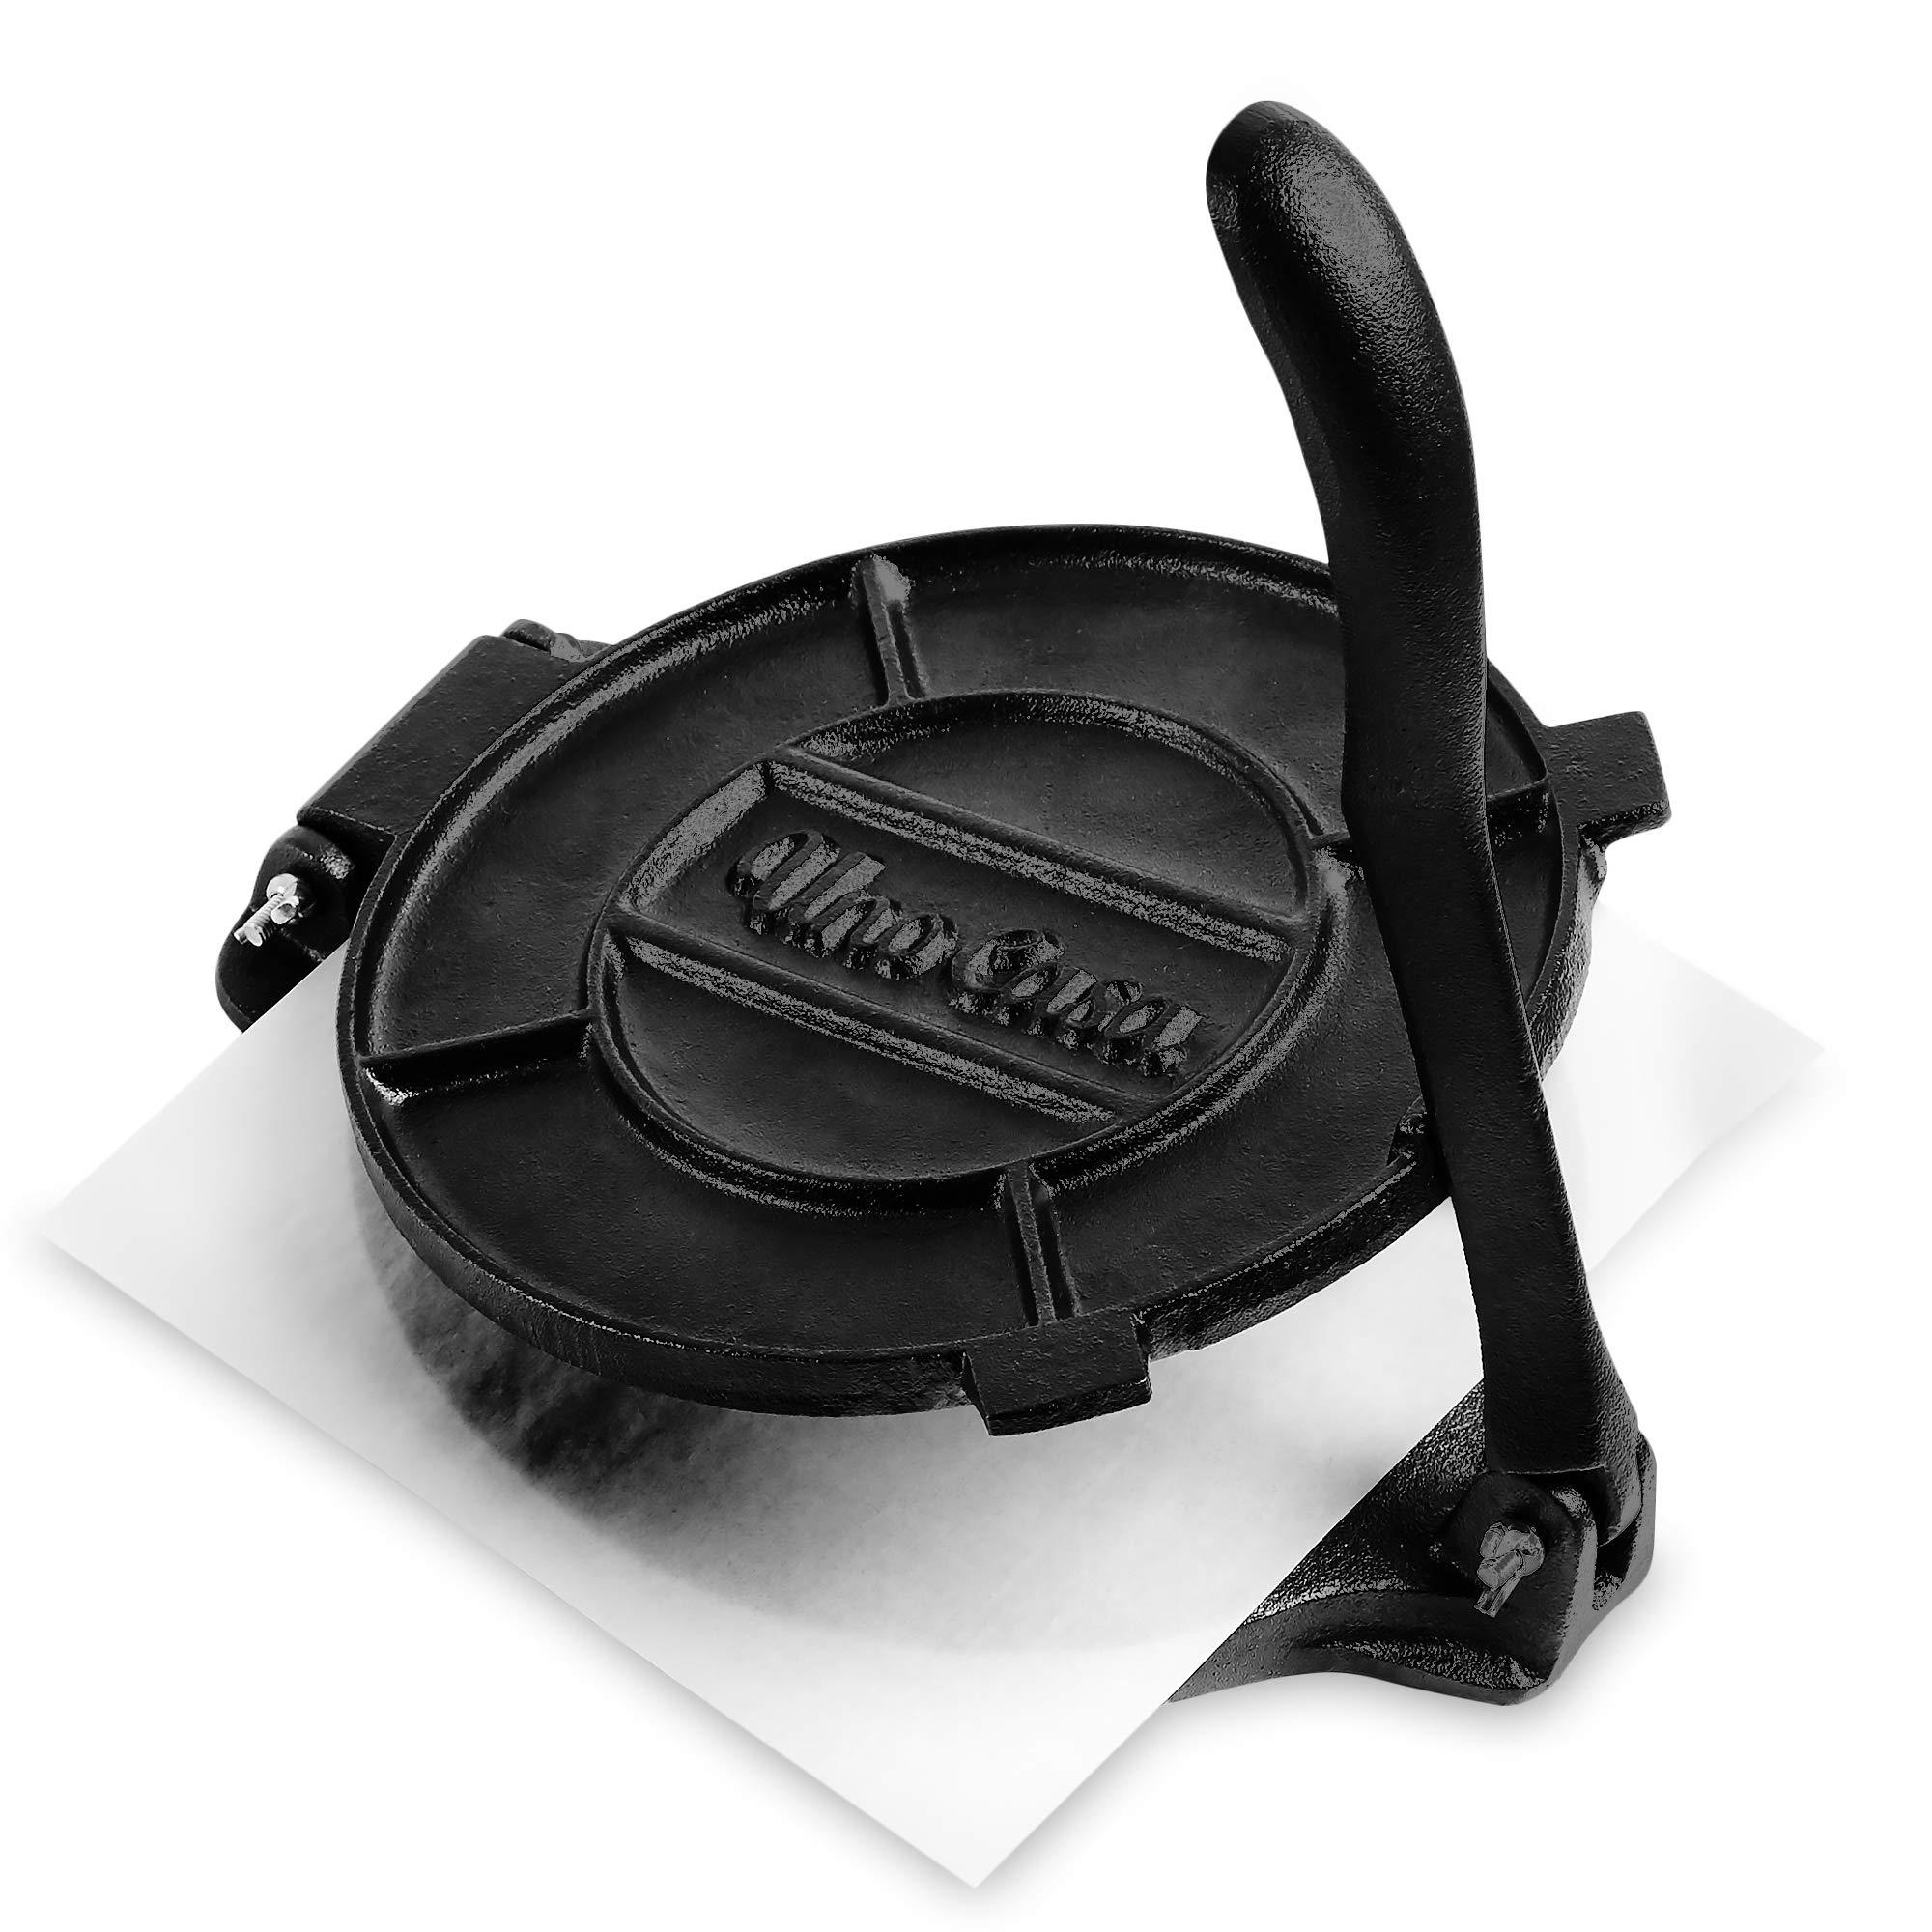 Uno Casa Cast Iron Tortilla Press - 8 Inch, Pre-Seasoned Tortilla Maker with 100 Pcs Parchment Paper by Uno Casa